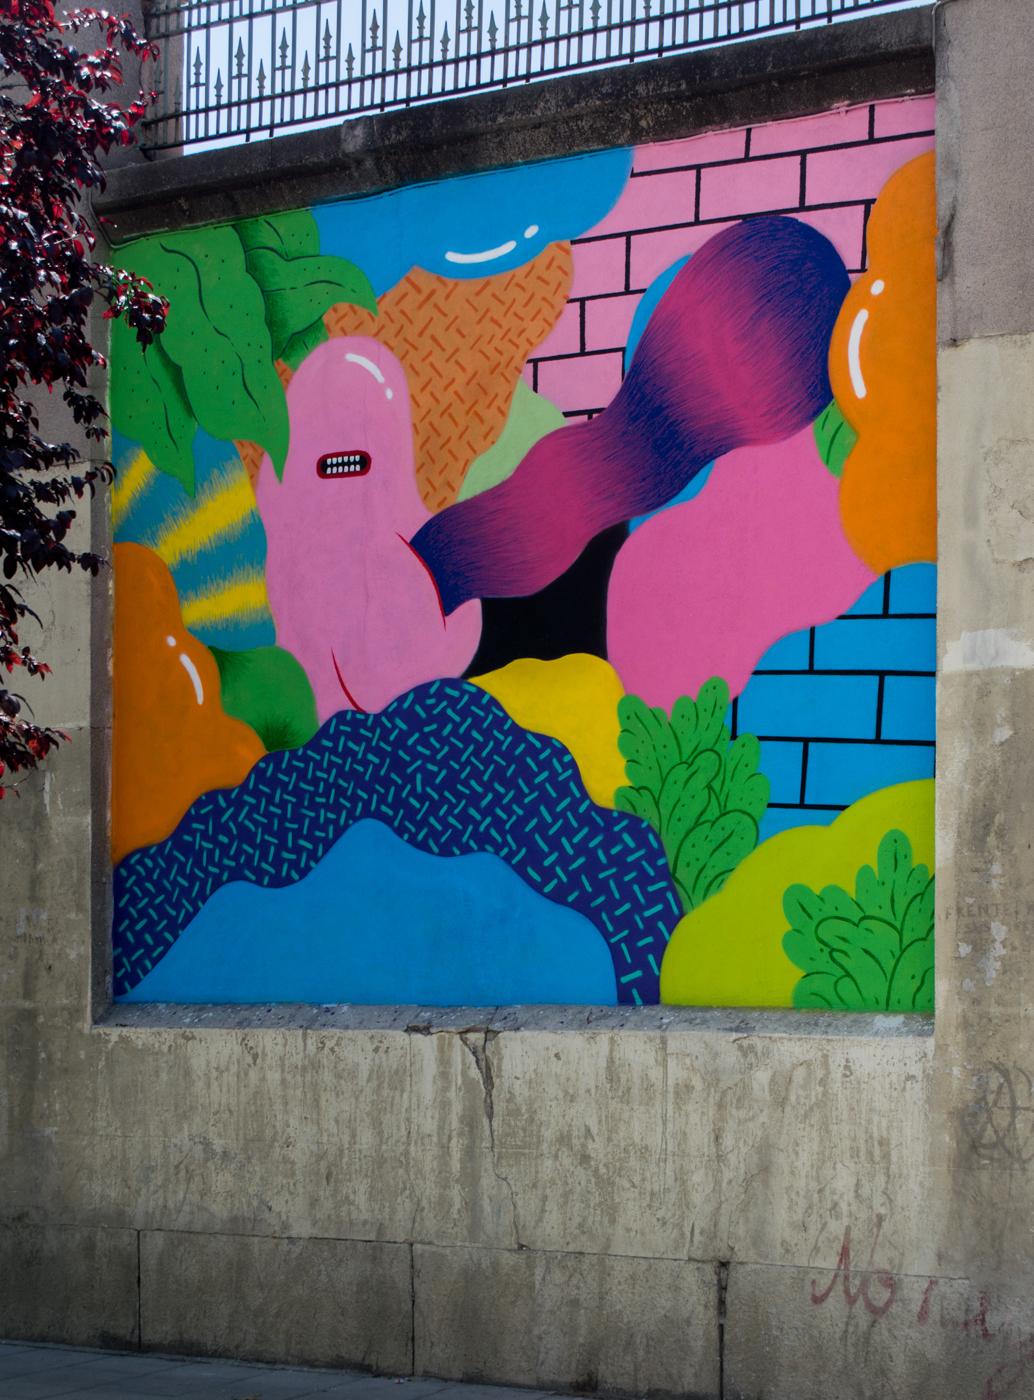 Grip face final - MurosTabacalera by Guillermo de la Madrid - Madrid Street Art Project.jpg